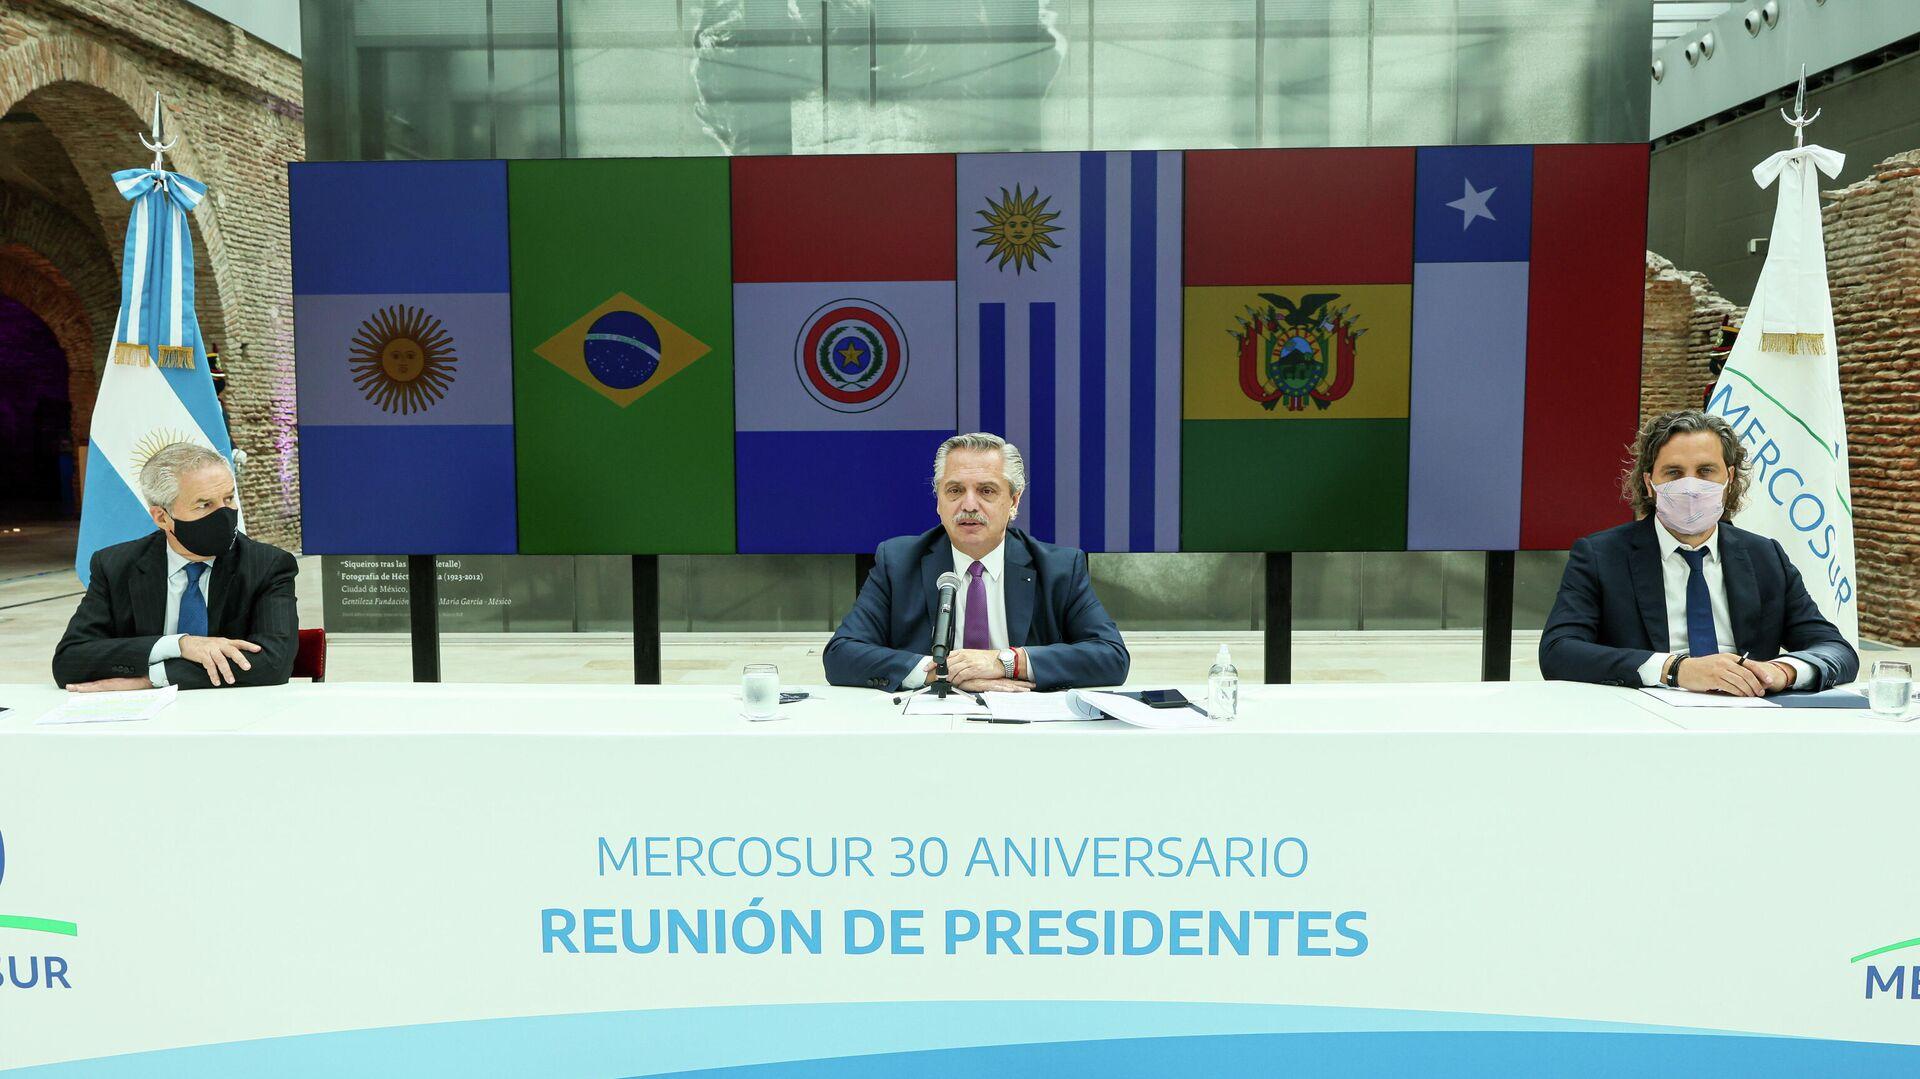 El canciller argentino, Felipe Solá, en conjunto con el presidente, Alberto Fernández, durante la videoconferencia del Mercosur - Sputnik Mundo, 1920, 26.03.2021